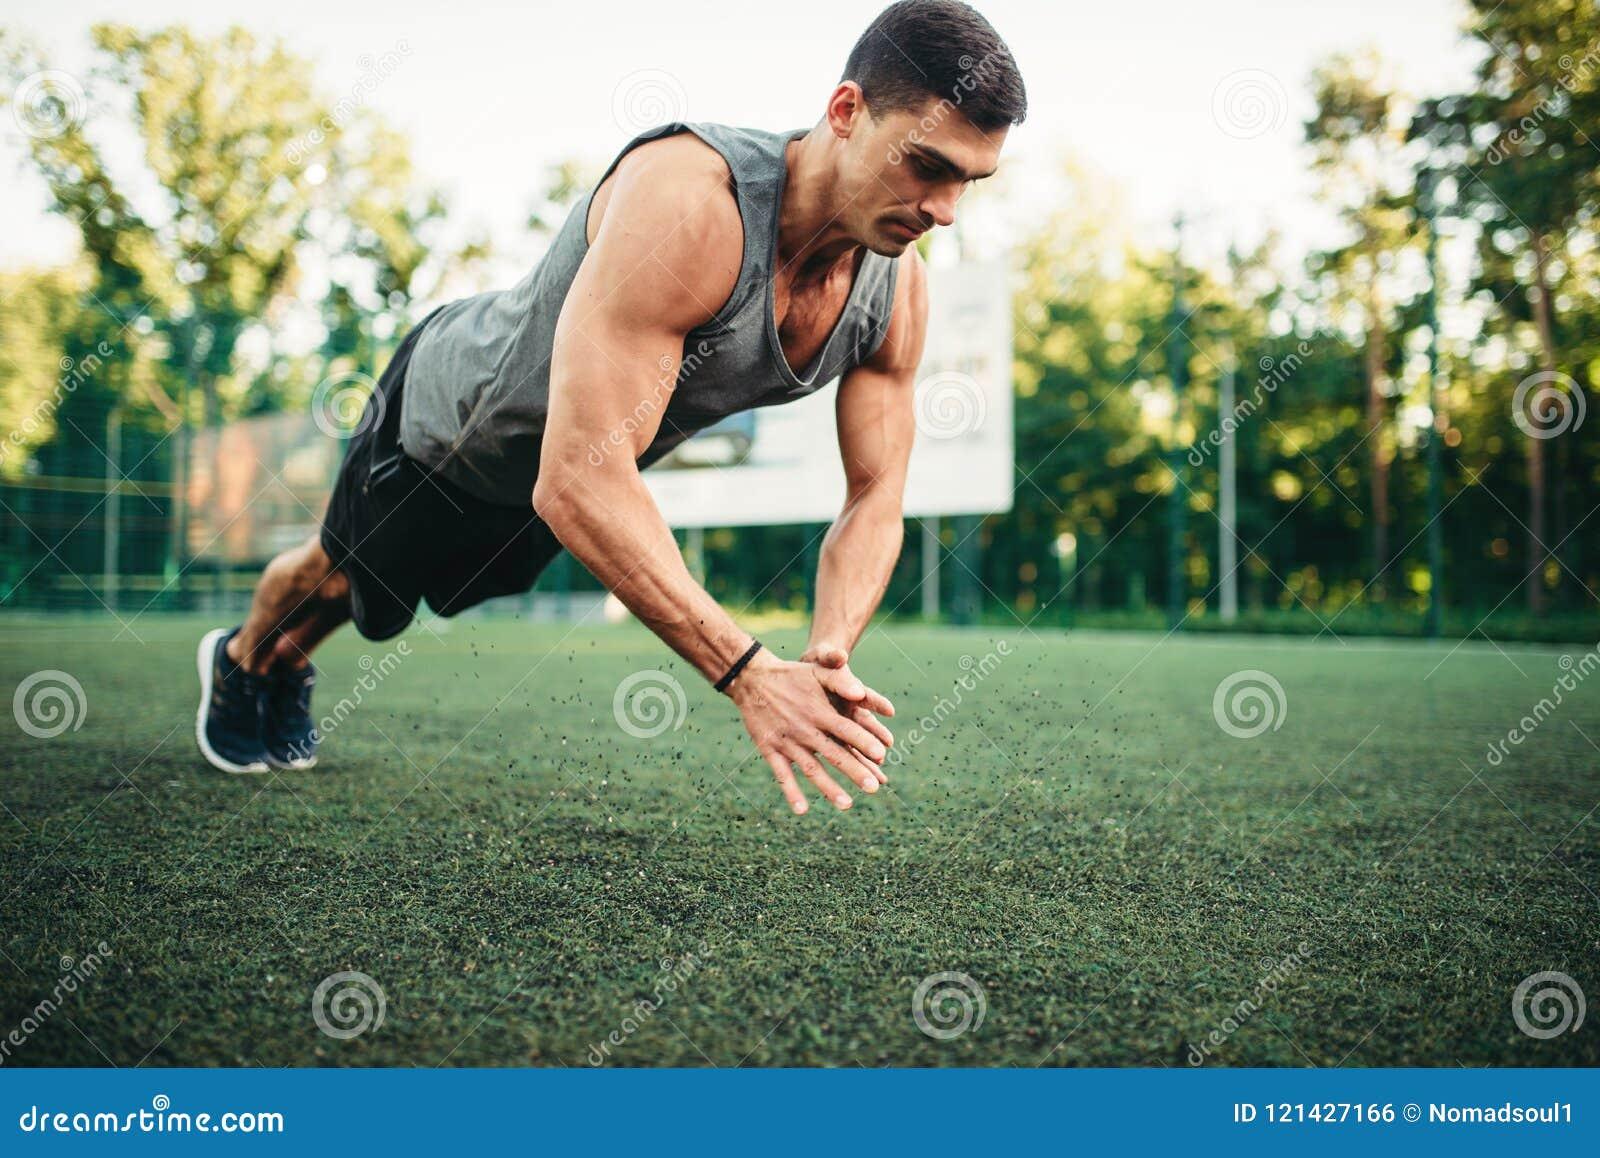 Athlet auf Training, Liegestützübung in der Aktion